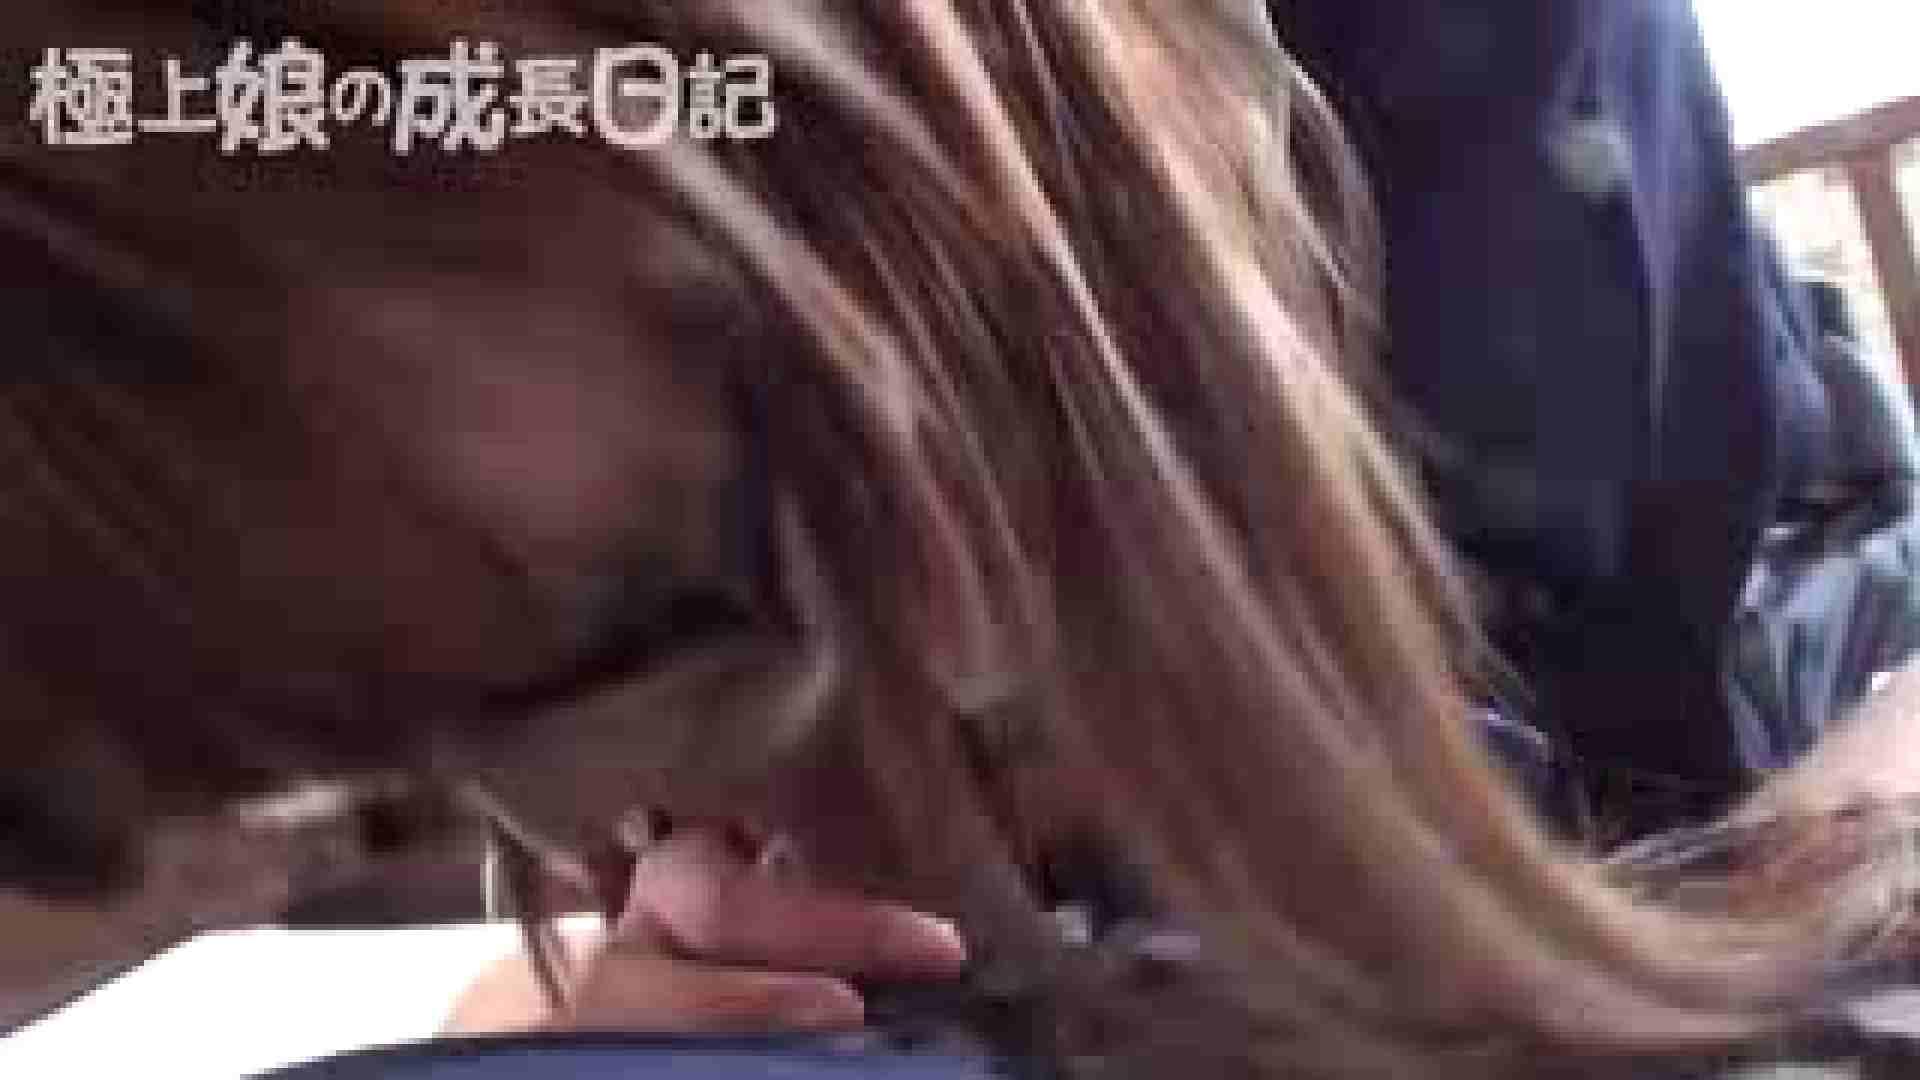 極上素人嬢の成長日記 コスプレハメ撮り制服編 コスプレ AV無料動画キャプチャ 100PIX 84